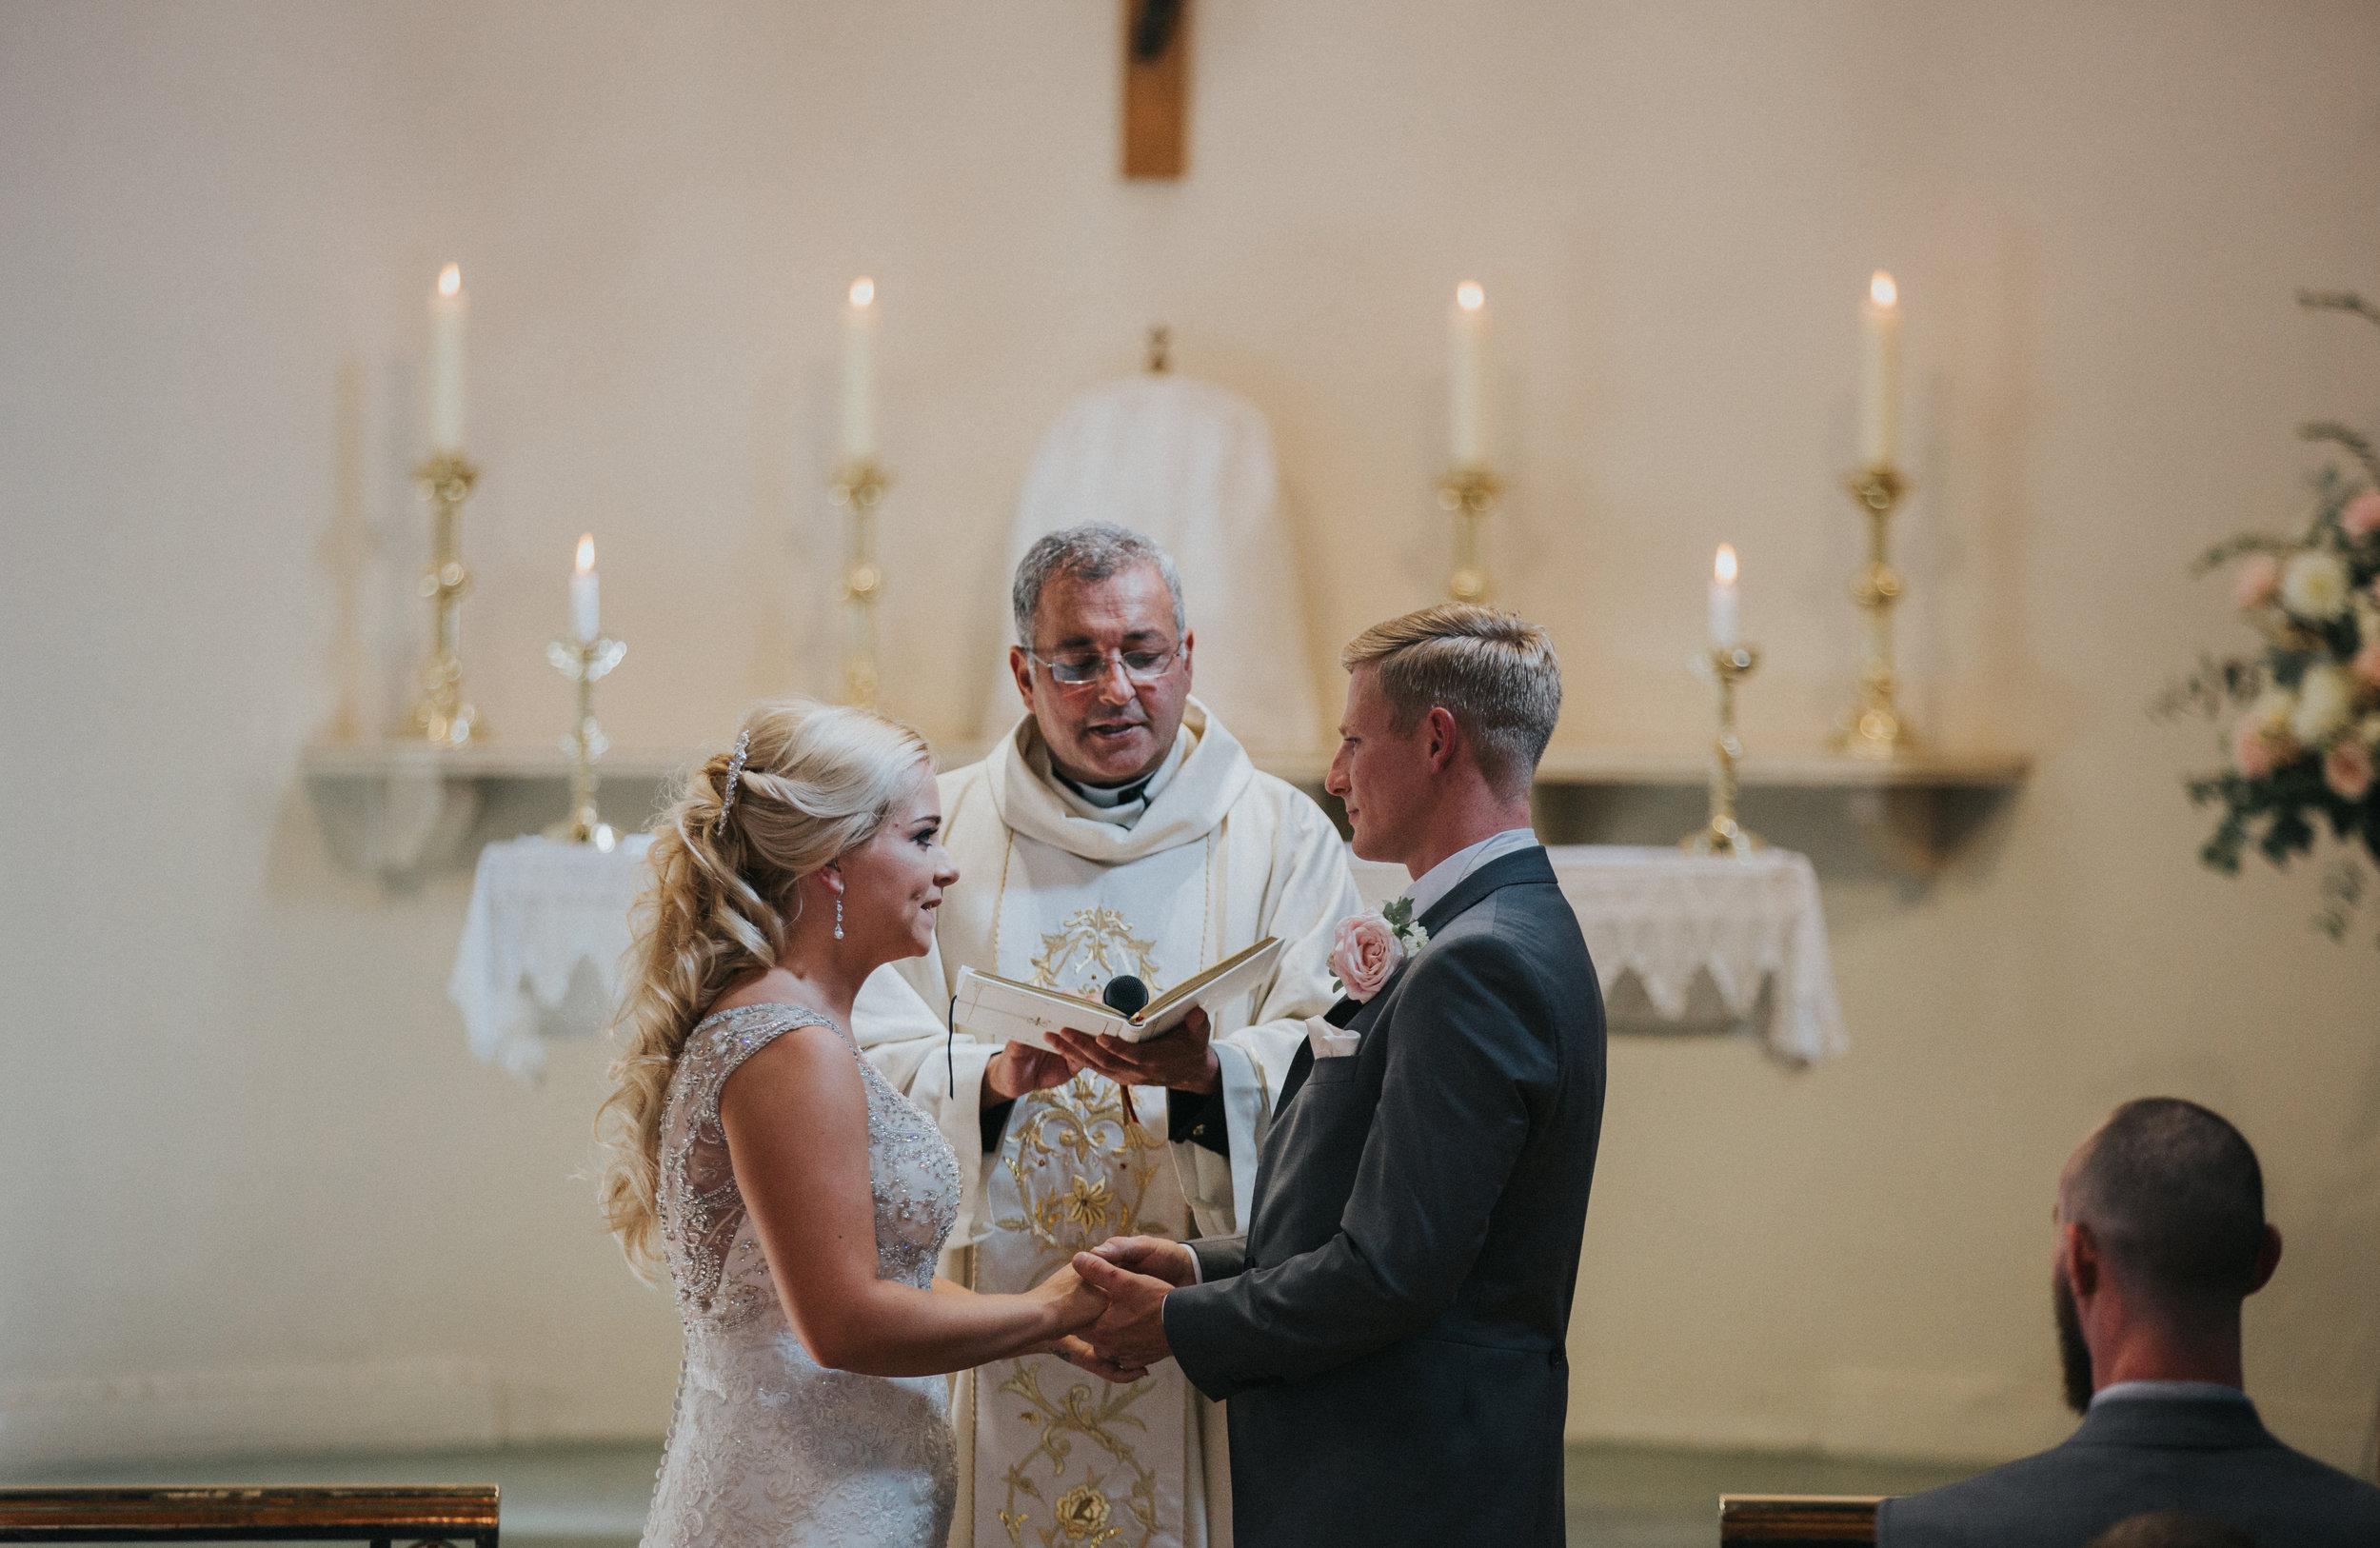 hitchin-hertfordshire-london-wedding-photography-catholic-ceremony-28